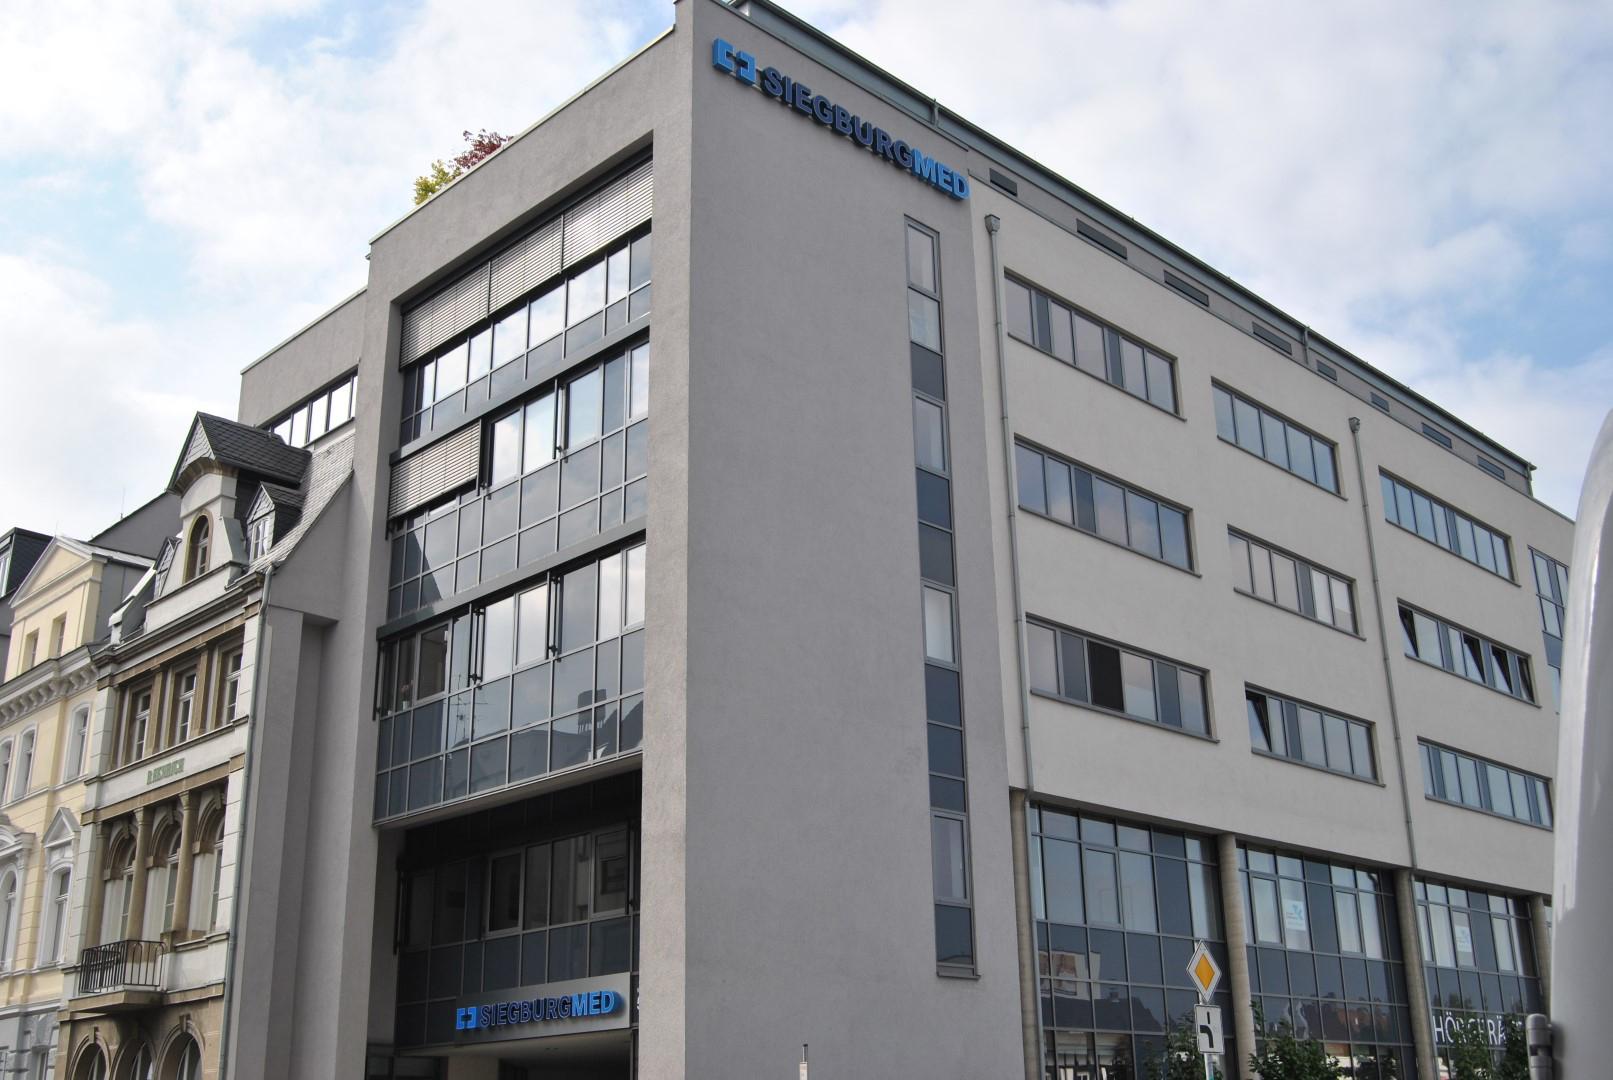 Das Bild zeigt das Siegburger Facharztzentrum von außen